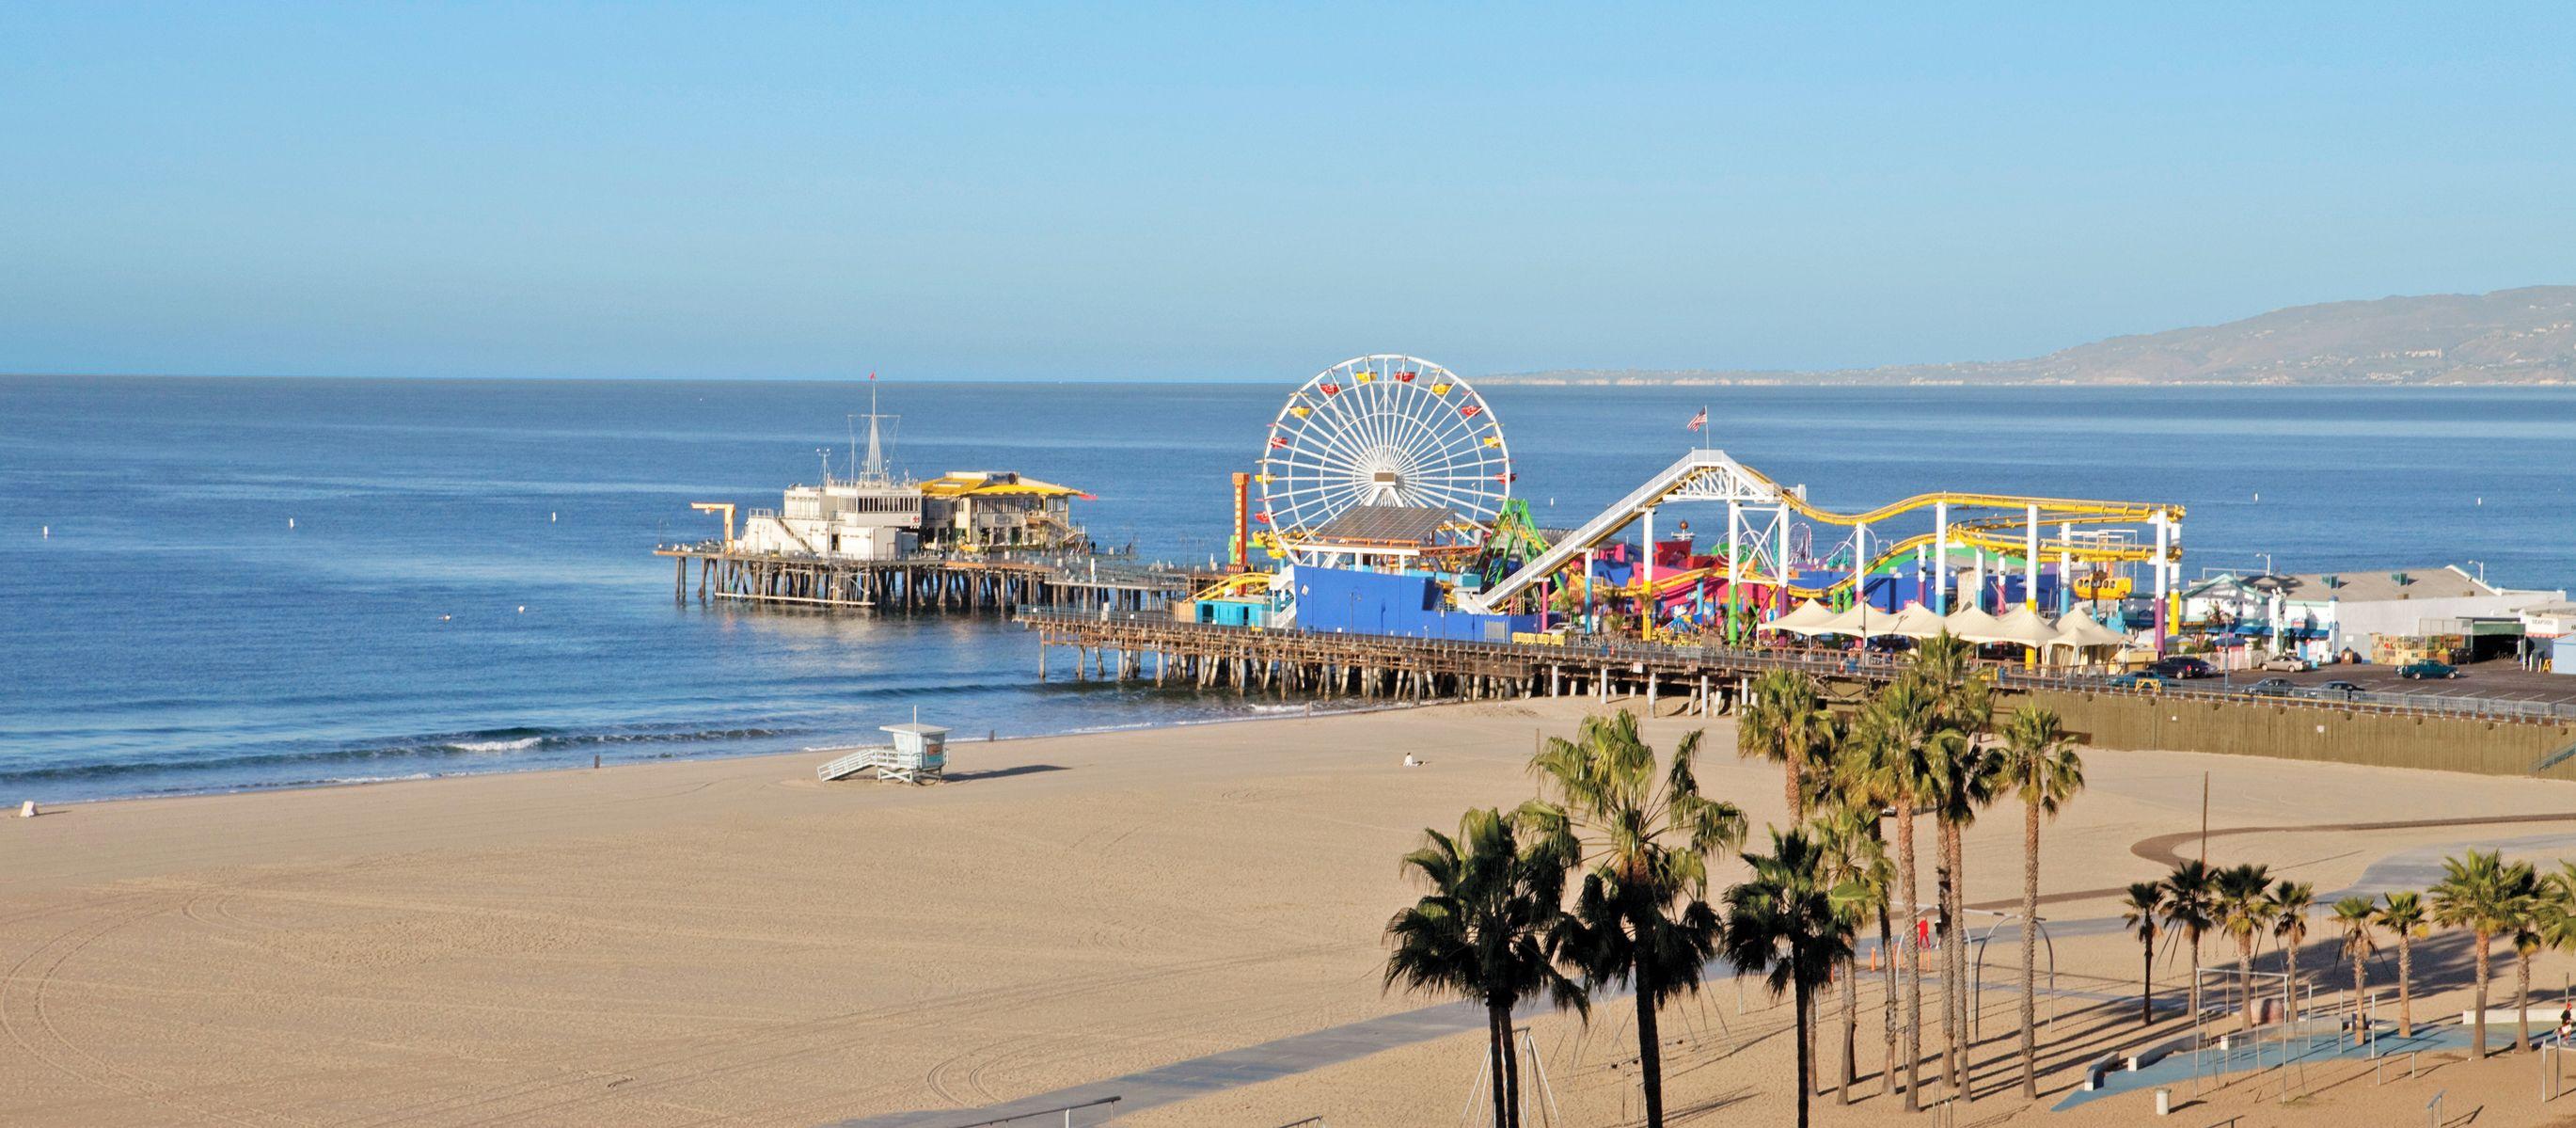 Pier von Santa Monica